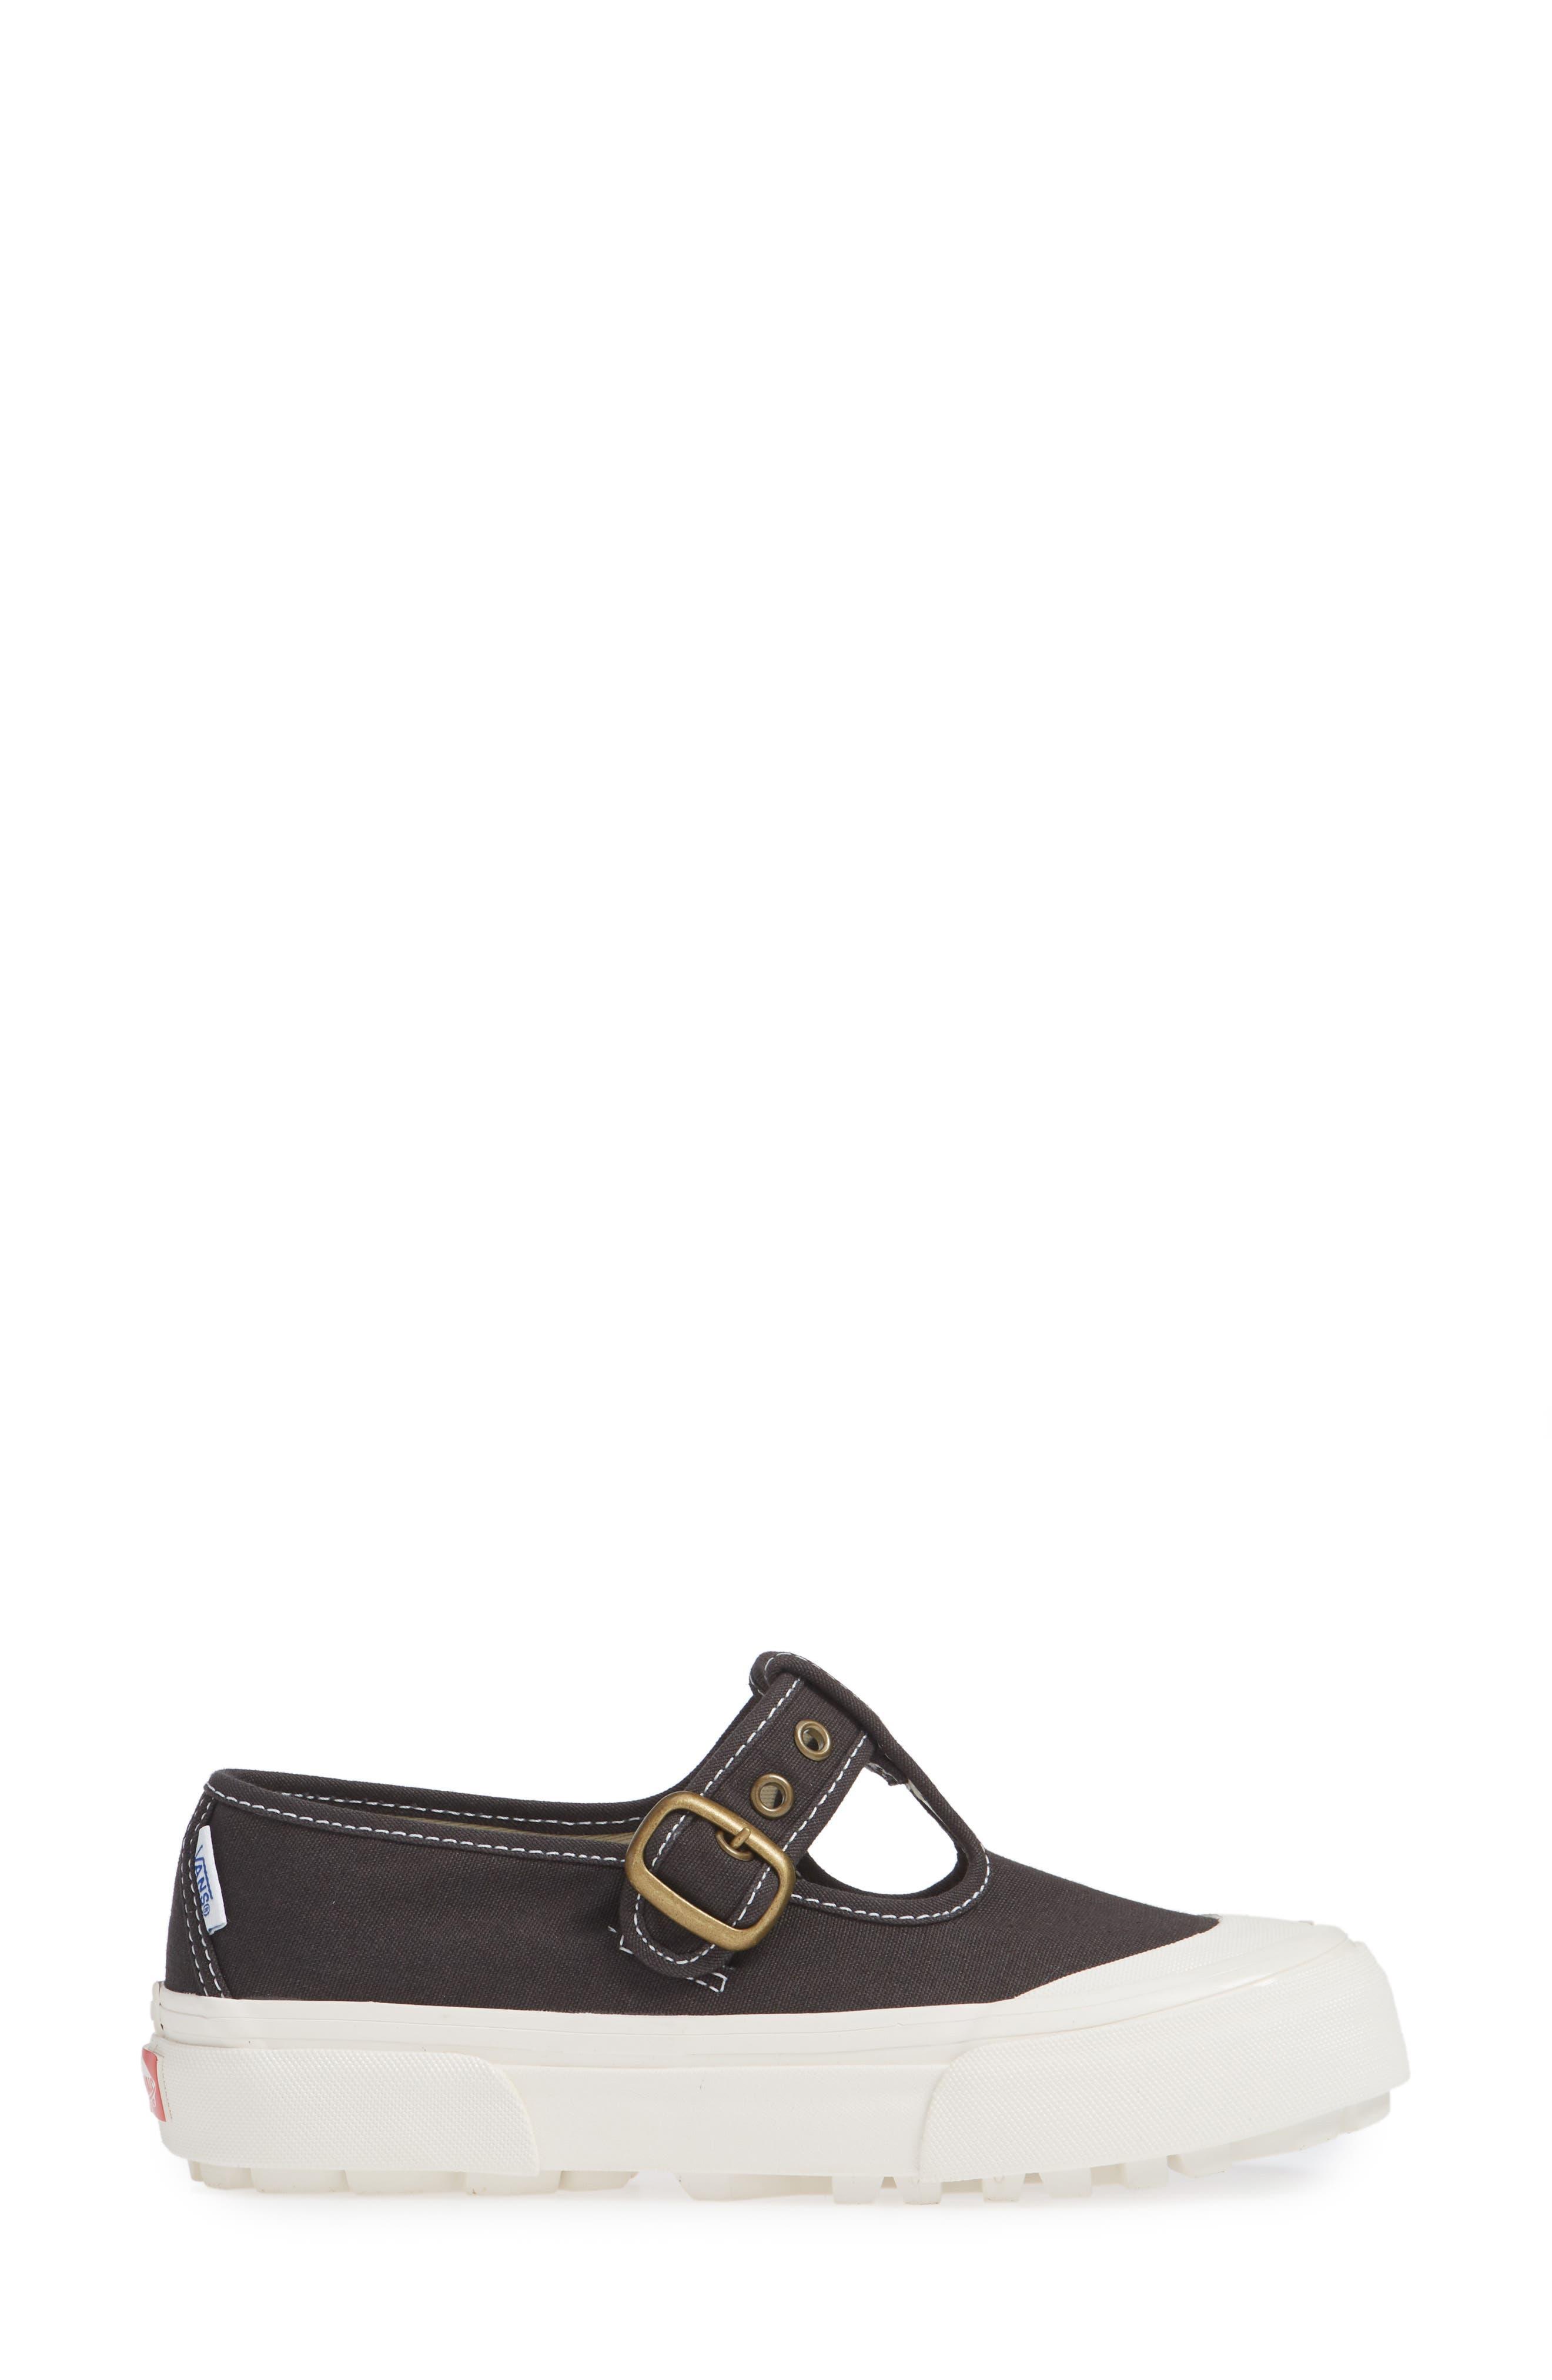 Anaheim Factory 93 DX T-Strap Sneaker,                             Alternate thumbnail 3, color,                             BLACK